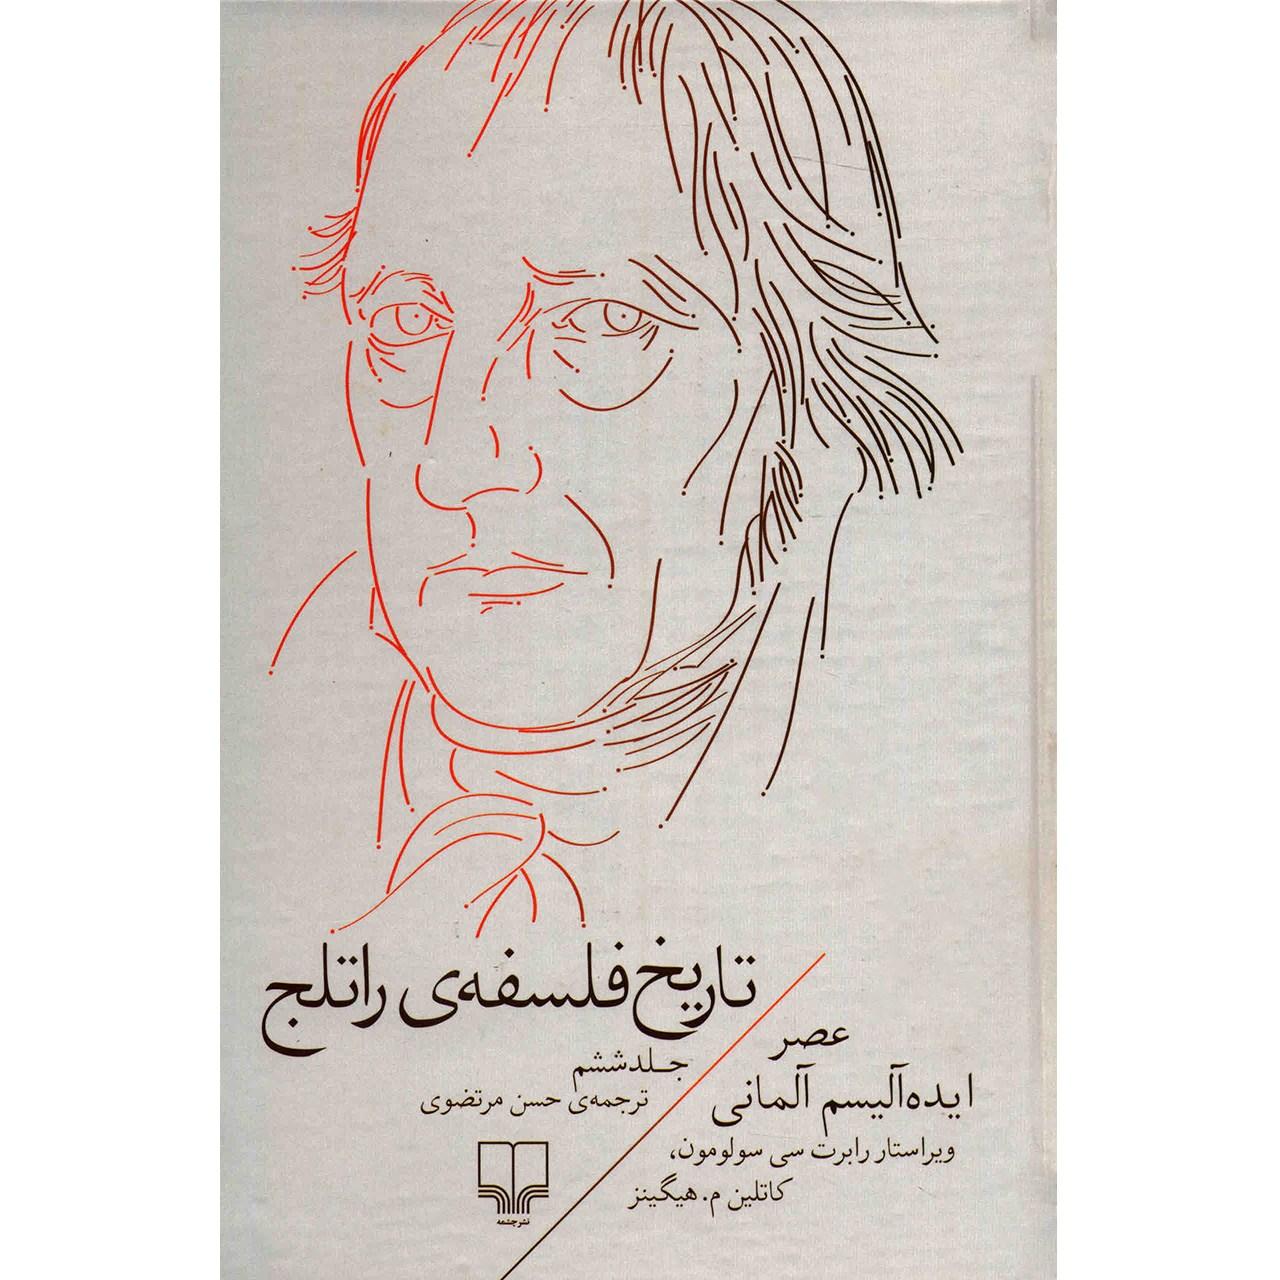 کتاب تاریخ فلسفه ی راتلج اثر رابرت سی سولومون - جلد ششم